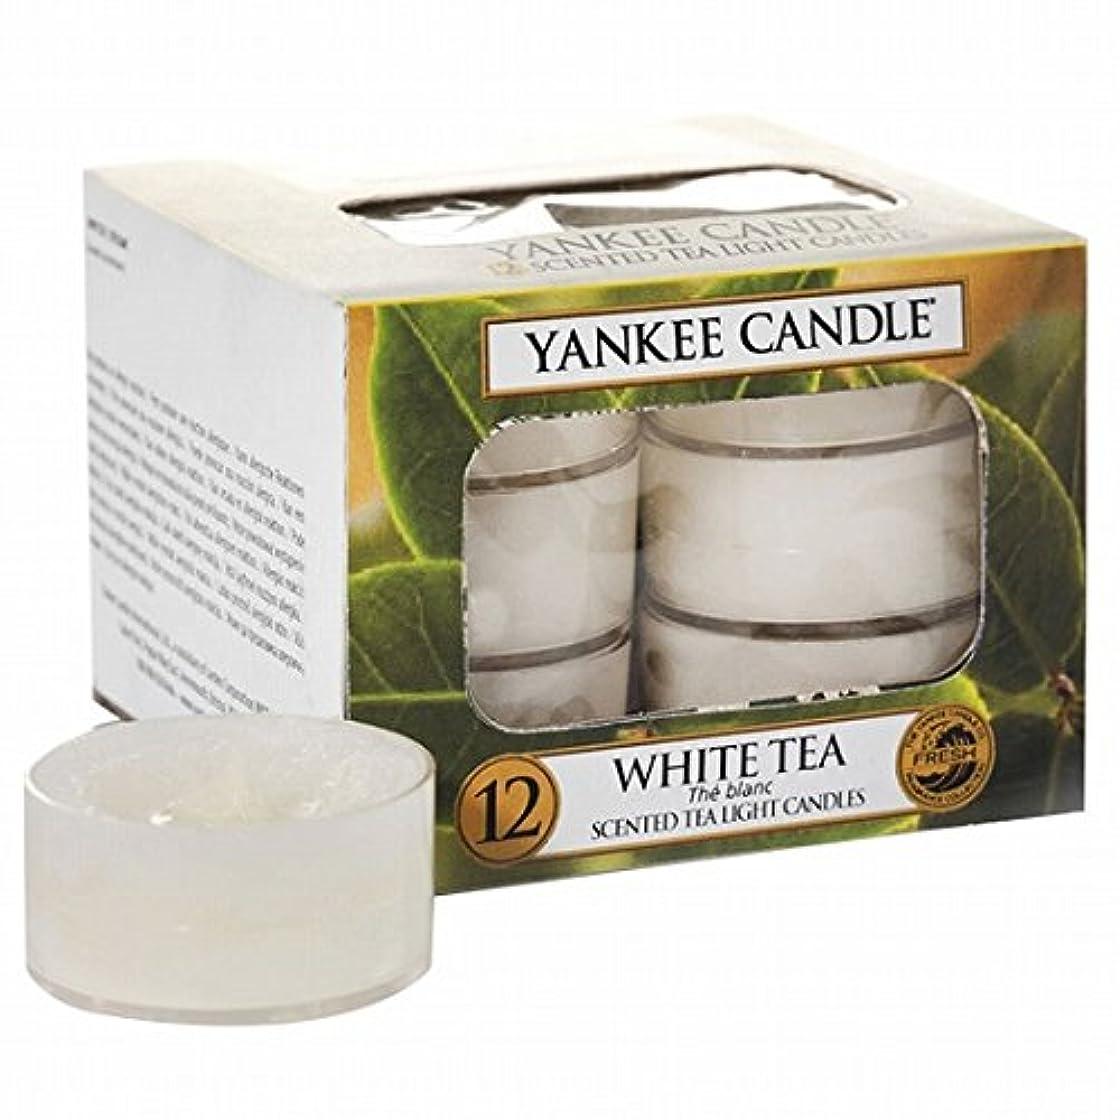 溶けた固めるたとえヤンキーキャンドル(YANKEE CANDLE) YANKEE CANDLE クリアカップティーライト12個入り 「ホワイトティー」